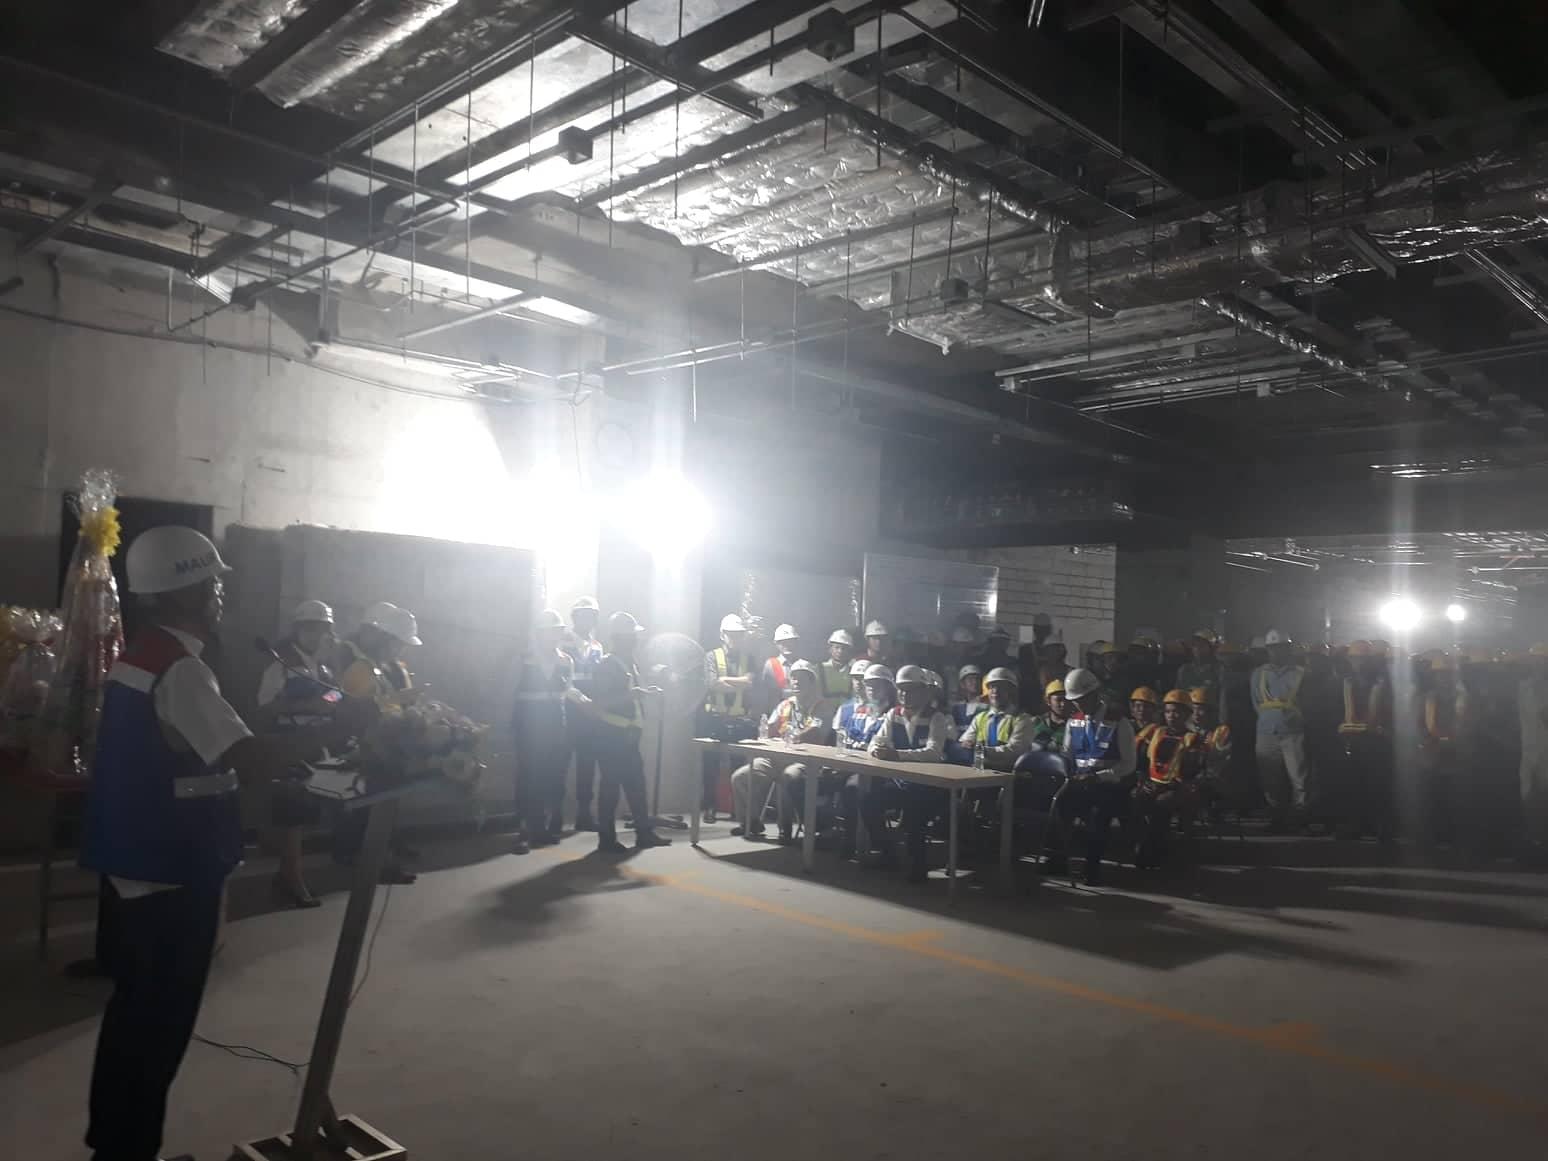 Ông Hoan đánh giá cao vai trò của đội ngũ công nhân, kỹ sư đang làm việc tại công trường tuyến Metro số 1